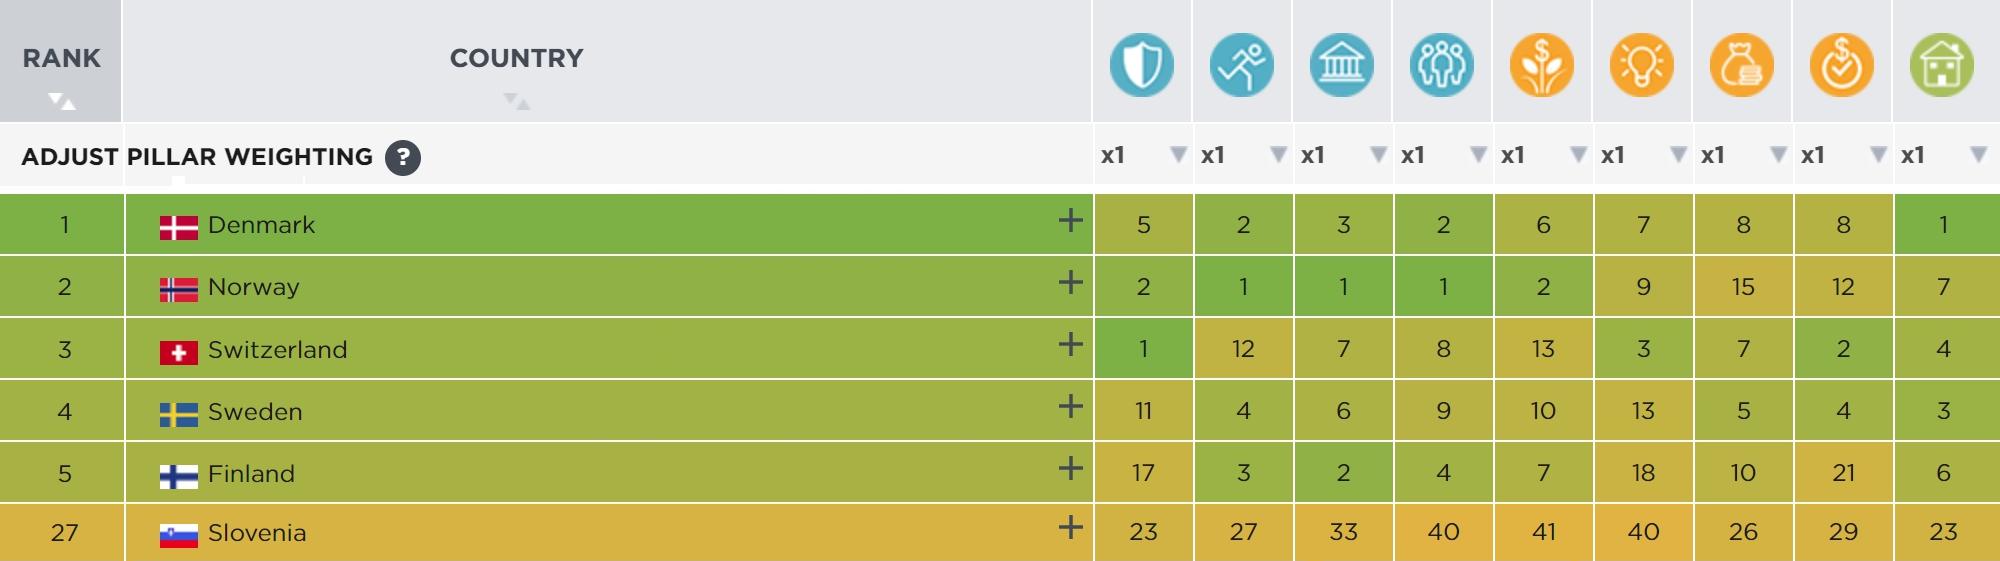 Топ-5 стран плюс Словения в рейтинге процветания Legatum 2019года. Сейчас Словения просела до двадцать седьмой строчки, но рейтинг меняется каждый год: например, в 2018году она занимала восемнадцатое место, а по параметру «Экологическая обстановка» — и вовсе первое